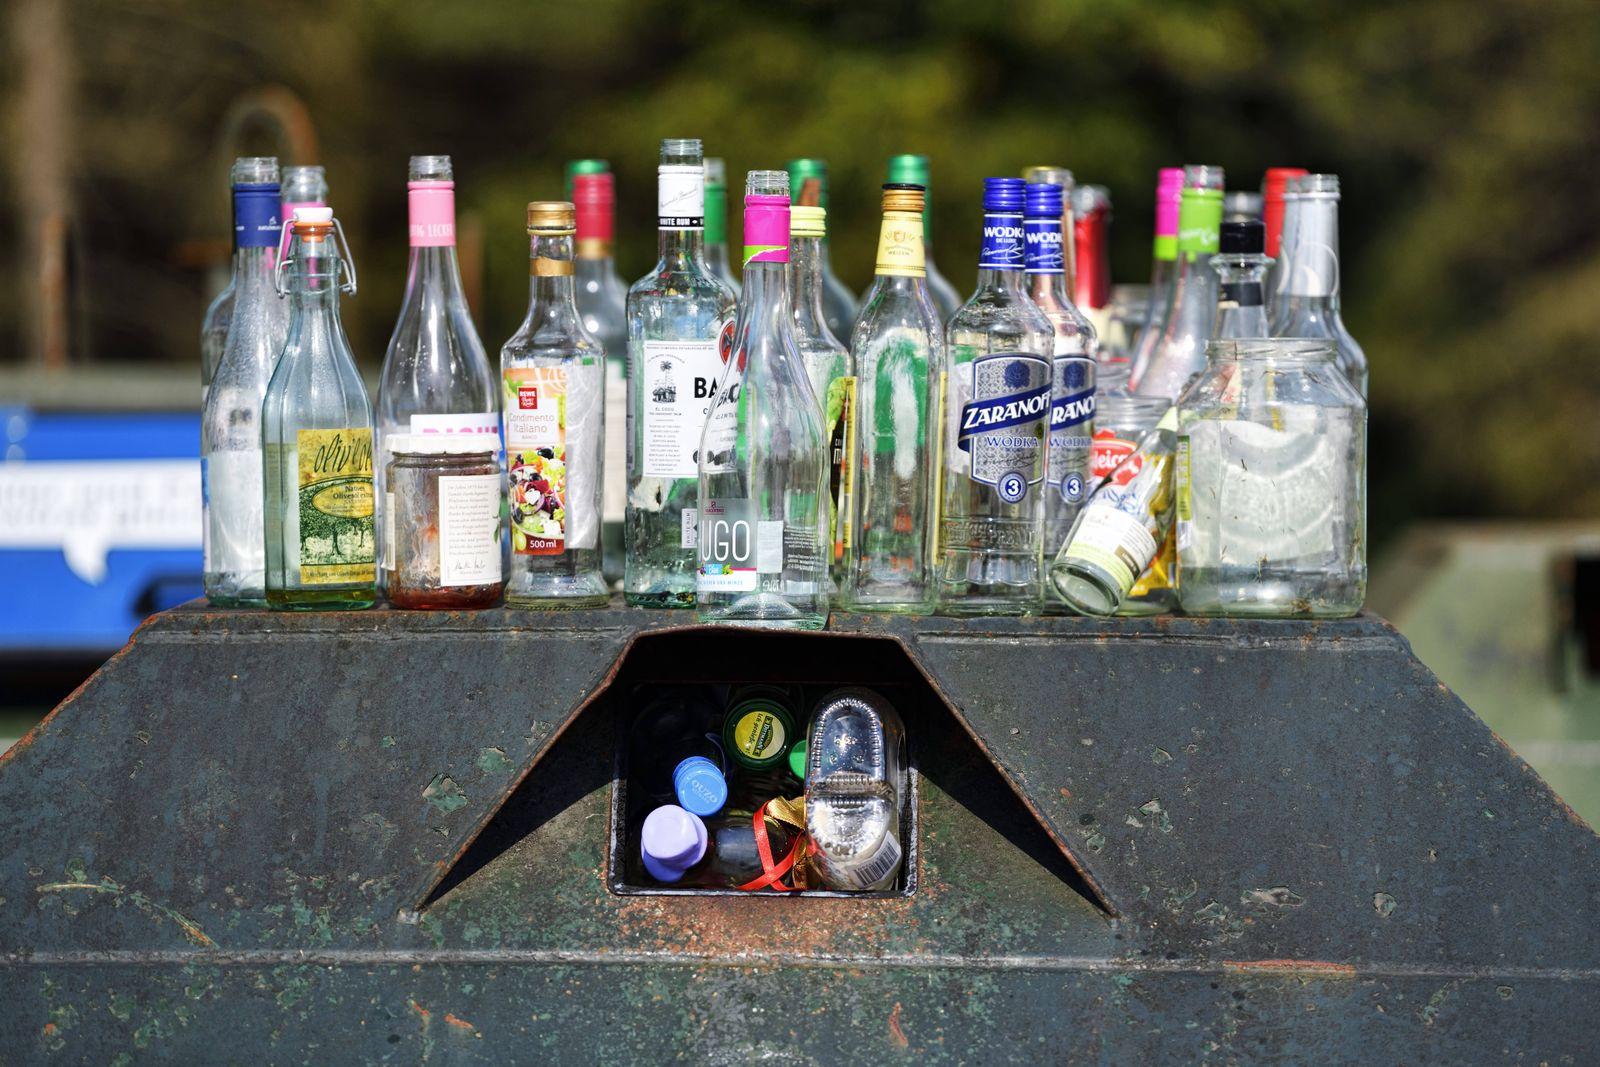 Leere Flaschen stehen auf einem Altglascontainer *** Empty bottles standing on a bottle bank